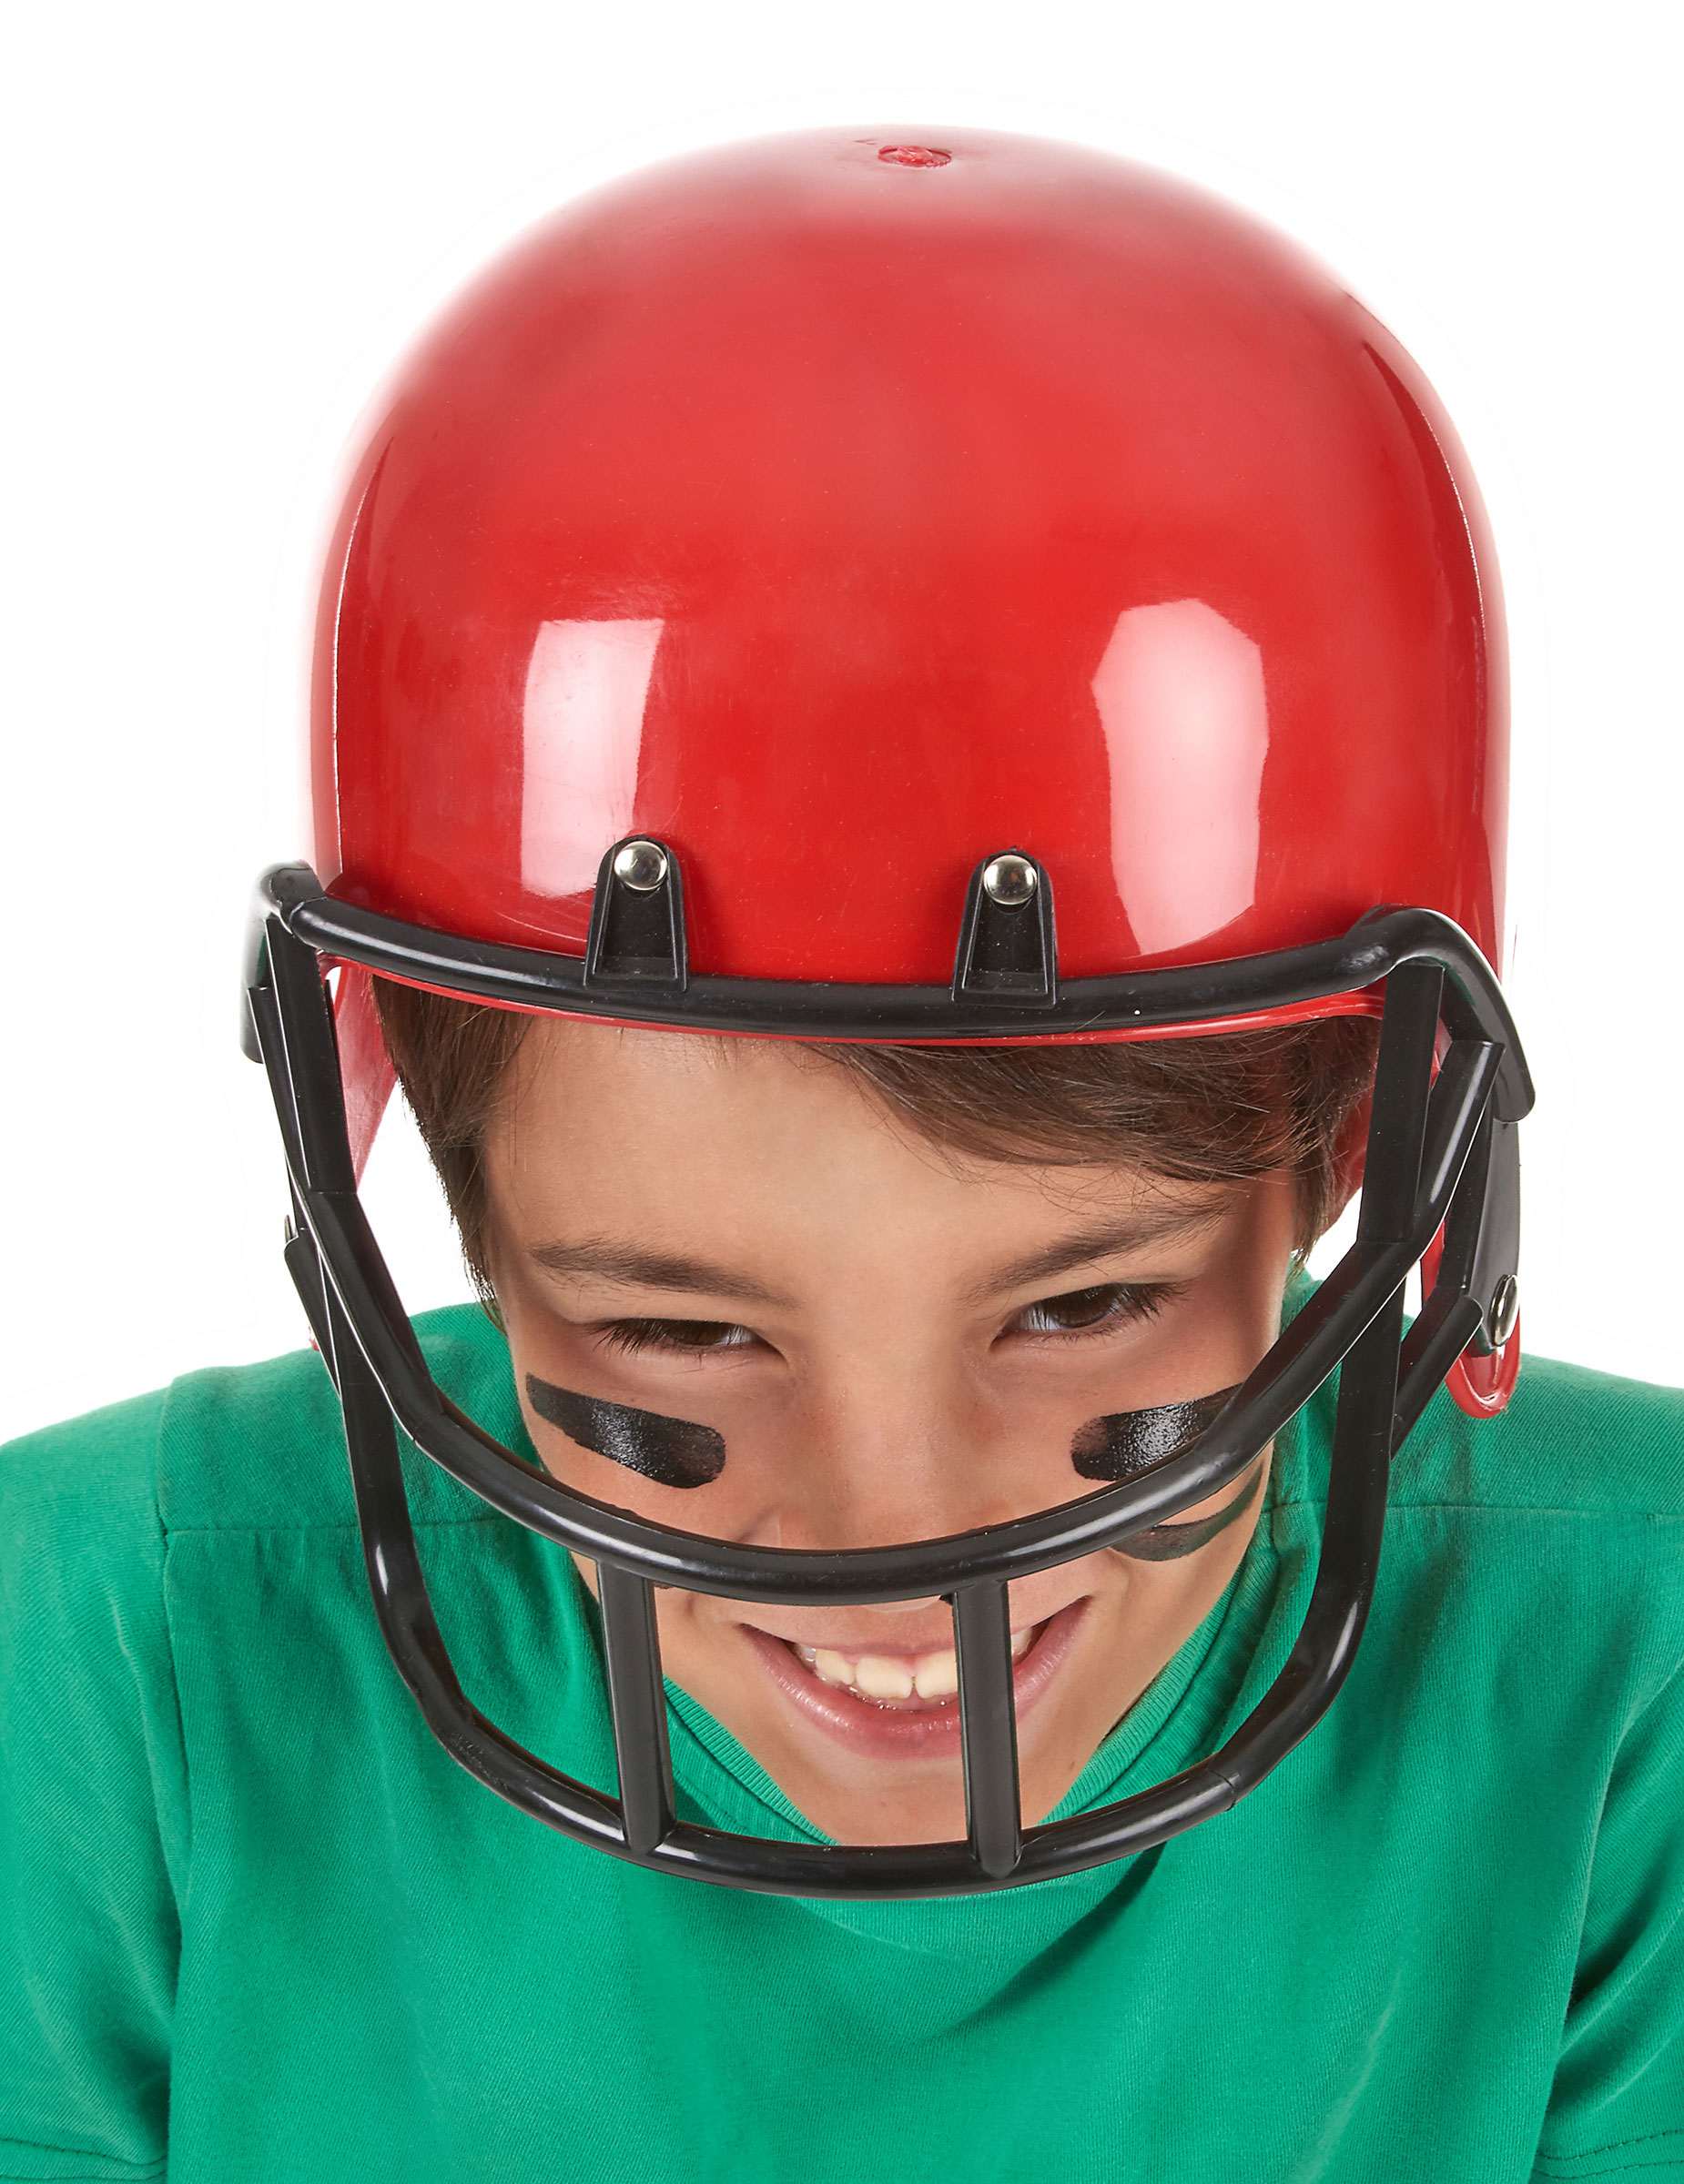 casque footballeur am ricain rouge enfant achat de chapeaux sur vegaoopro grossiste en. Black Bedroom Furniture Sets. Home Design Ideas